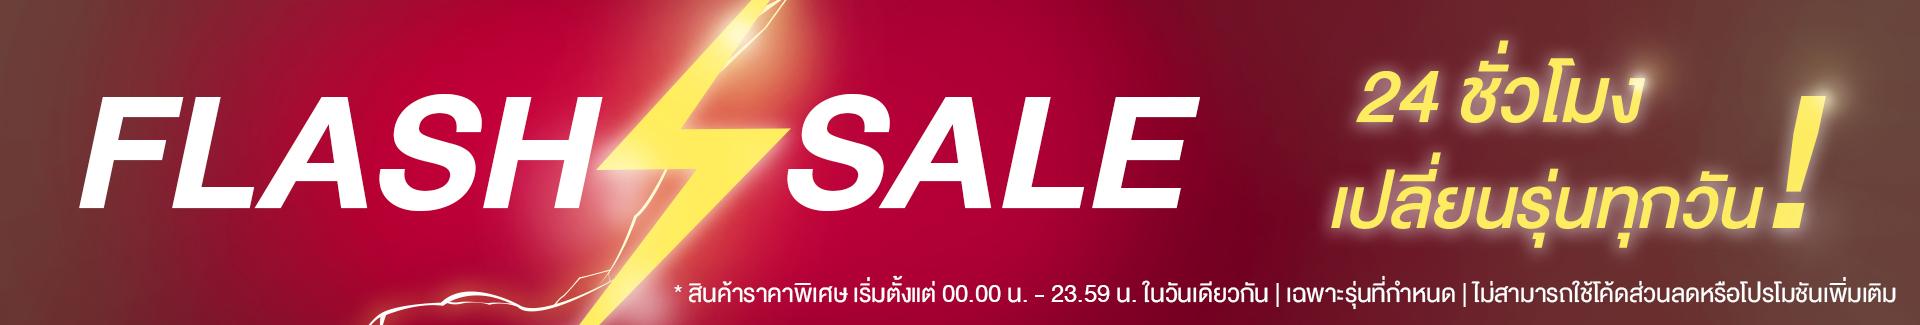 Flash Sale Shop Online